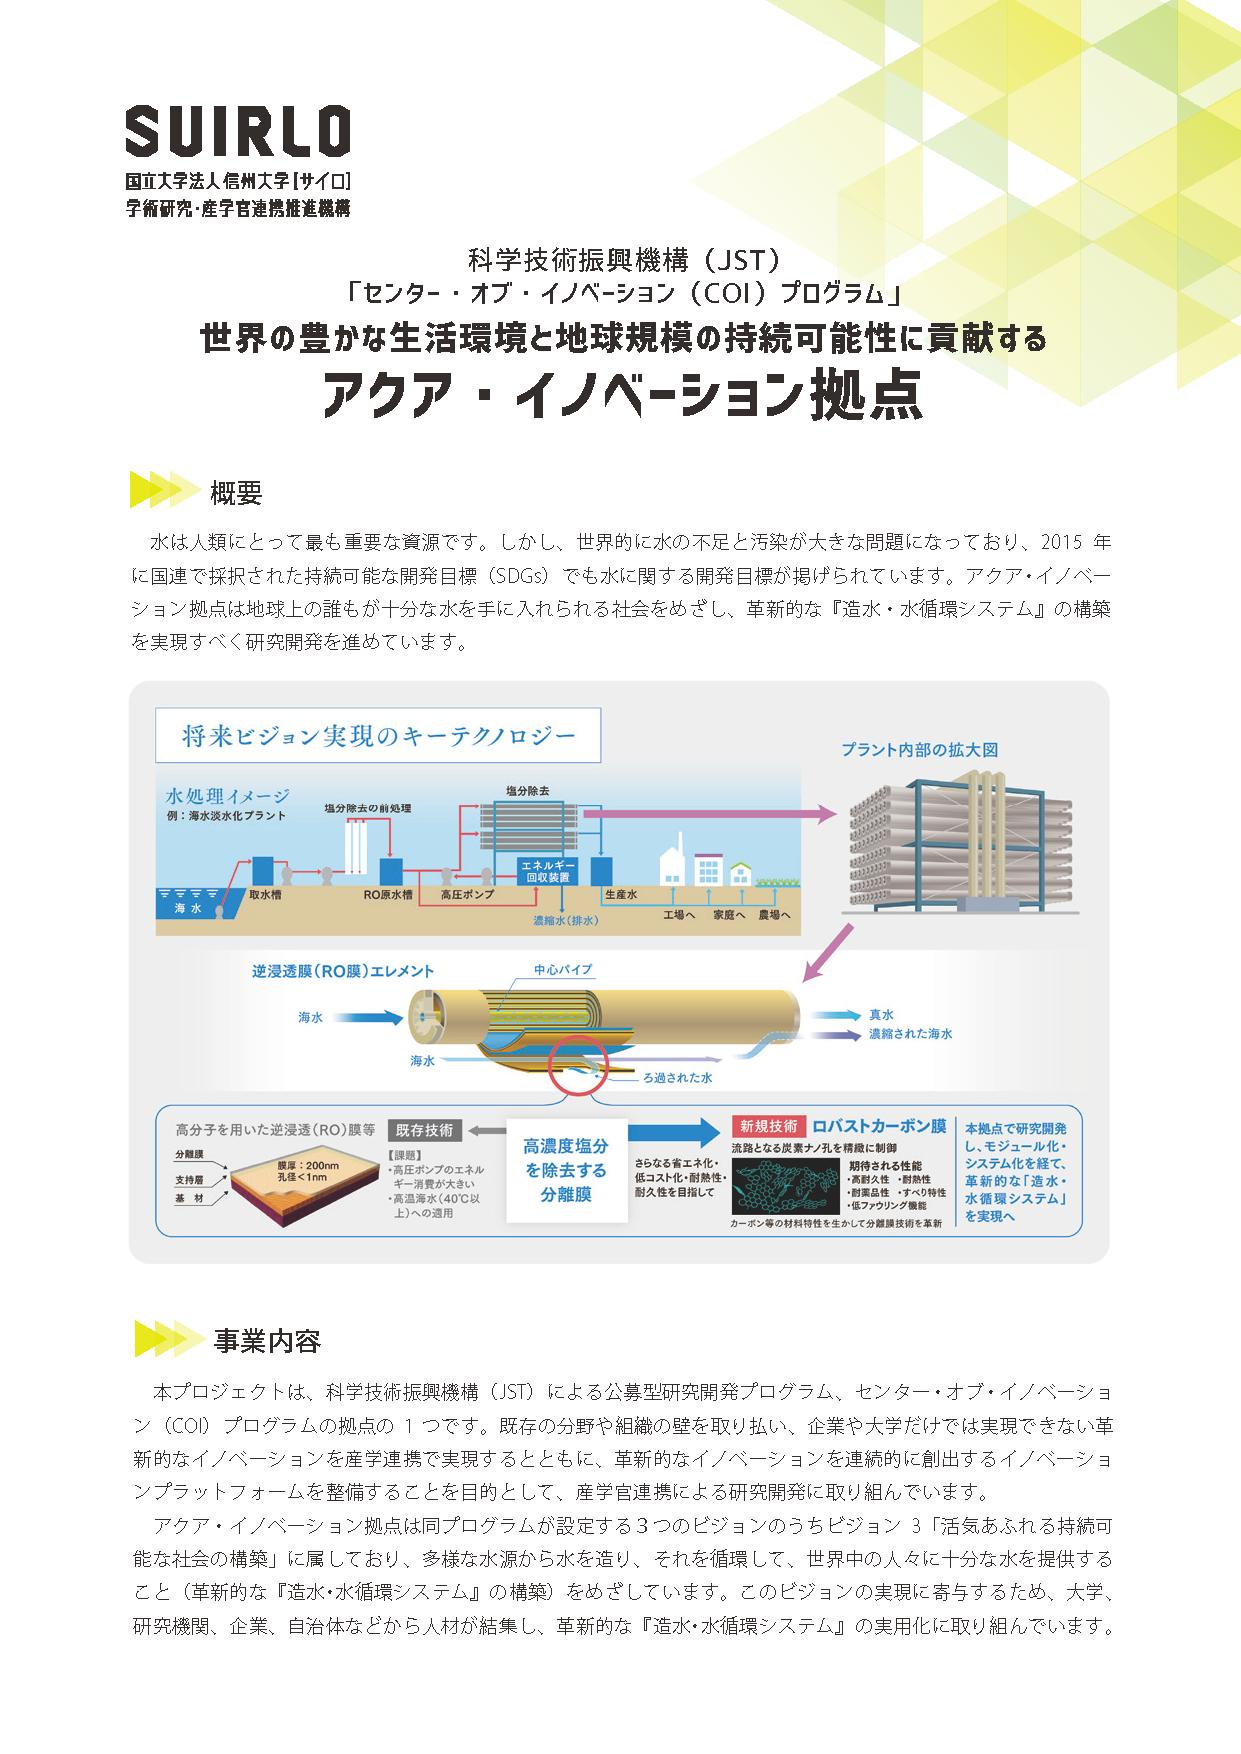 アイキャッチ画像:アクア・イノベーション拠点(COI)